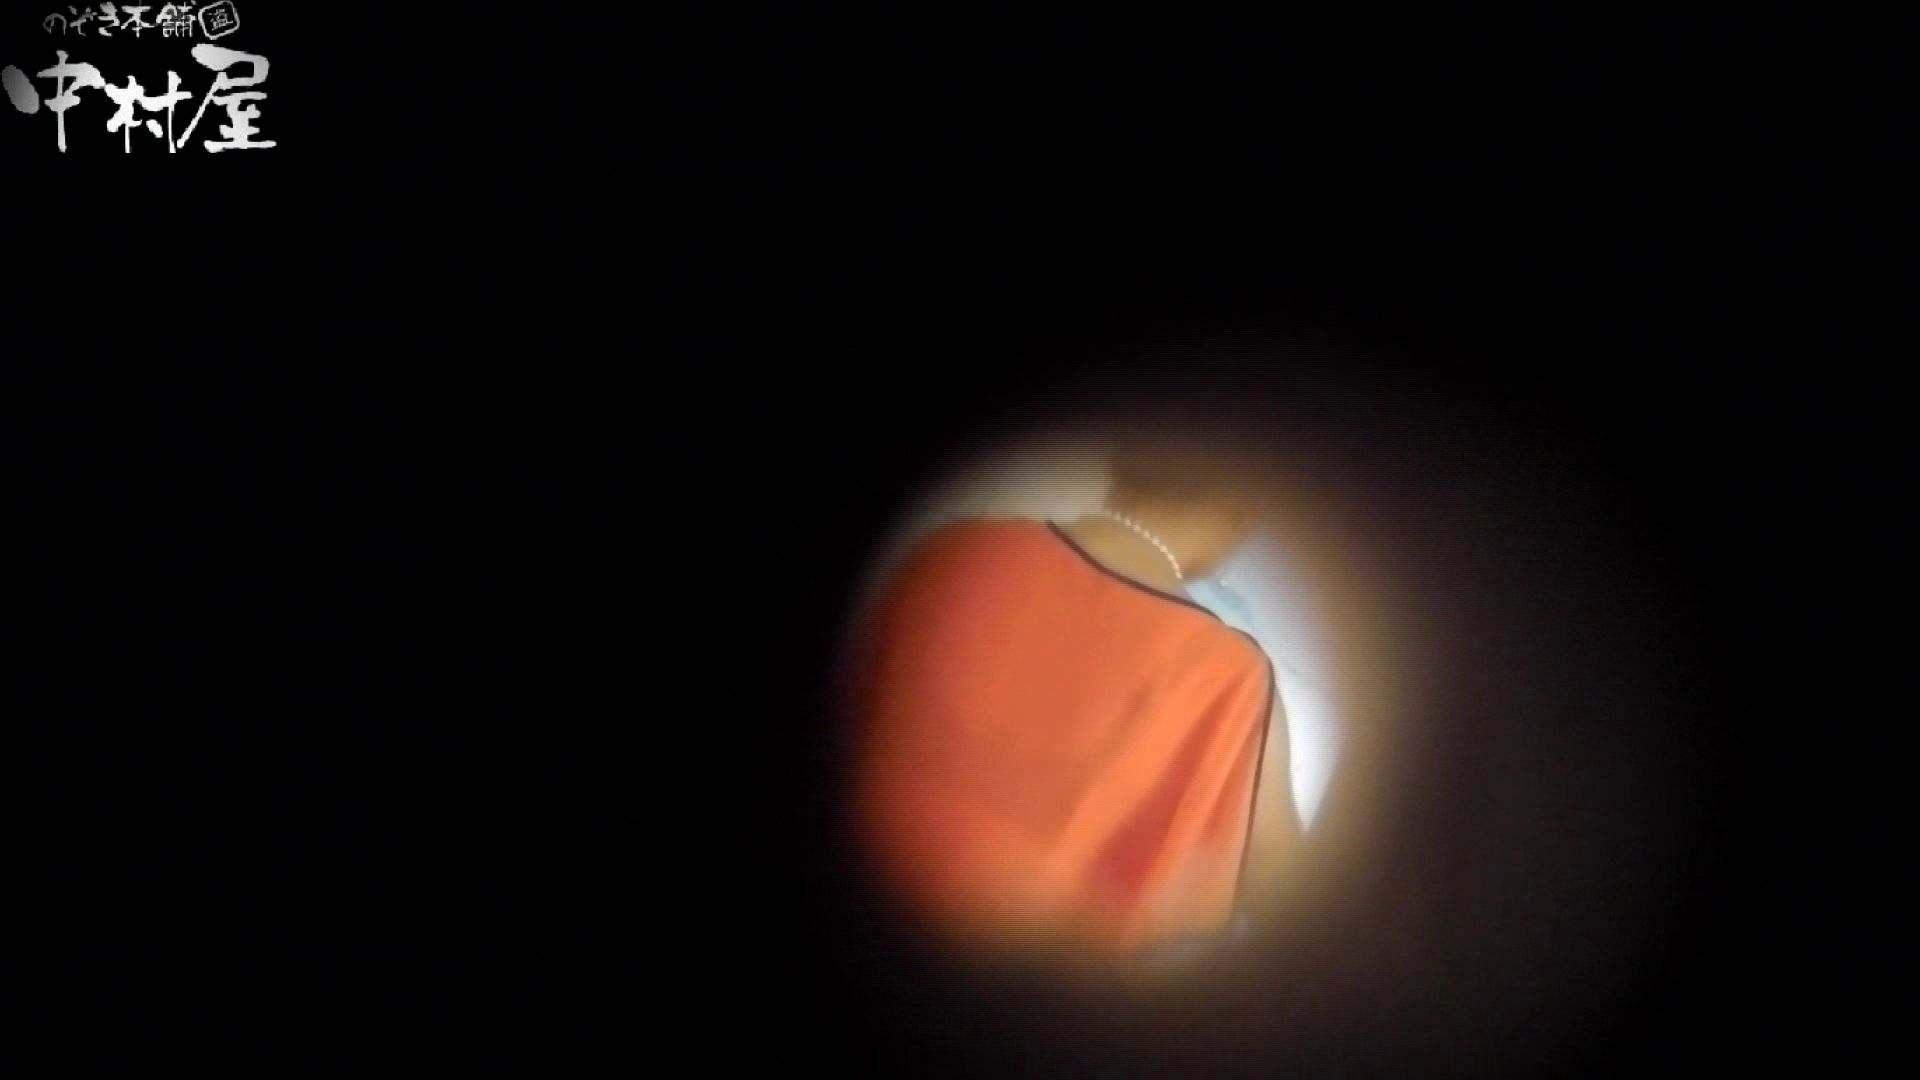 世界の射窓から vol.43 ソーニュー 前編 洗面所編 | 0  105PIX 69